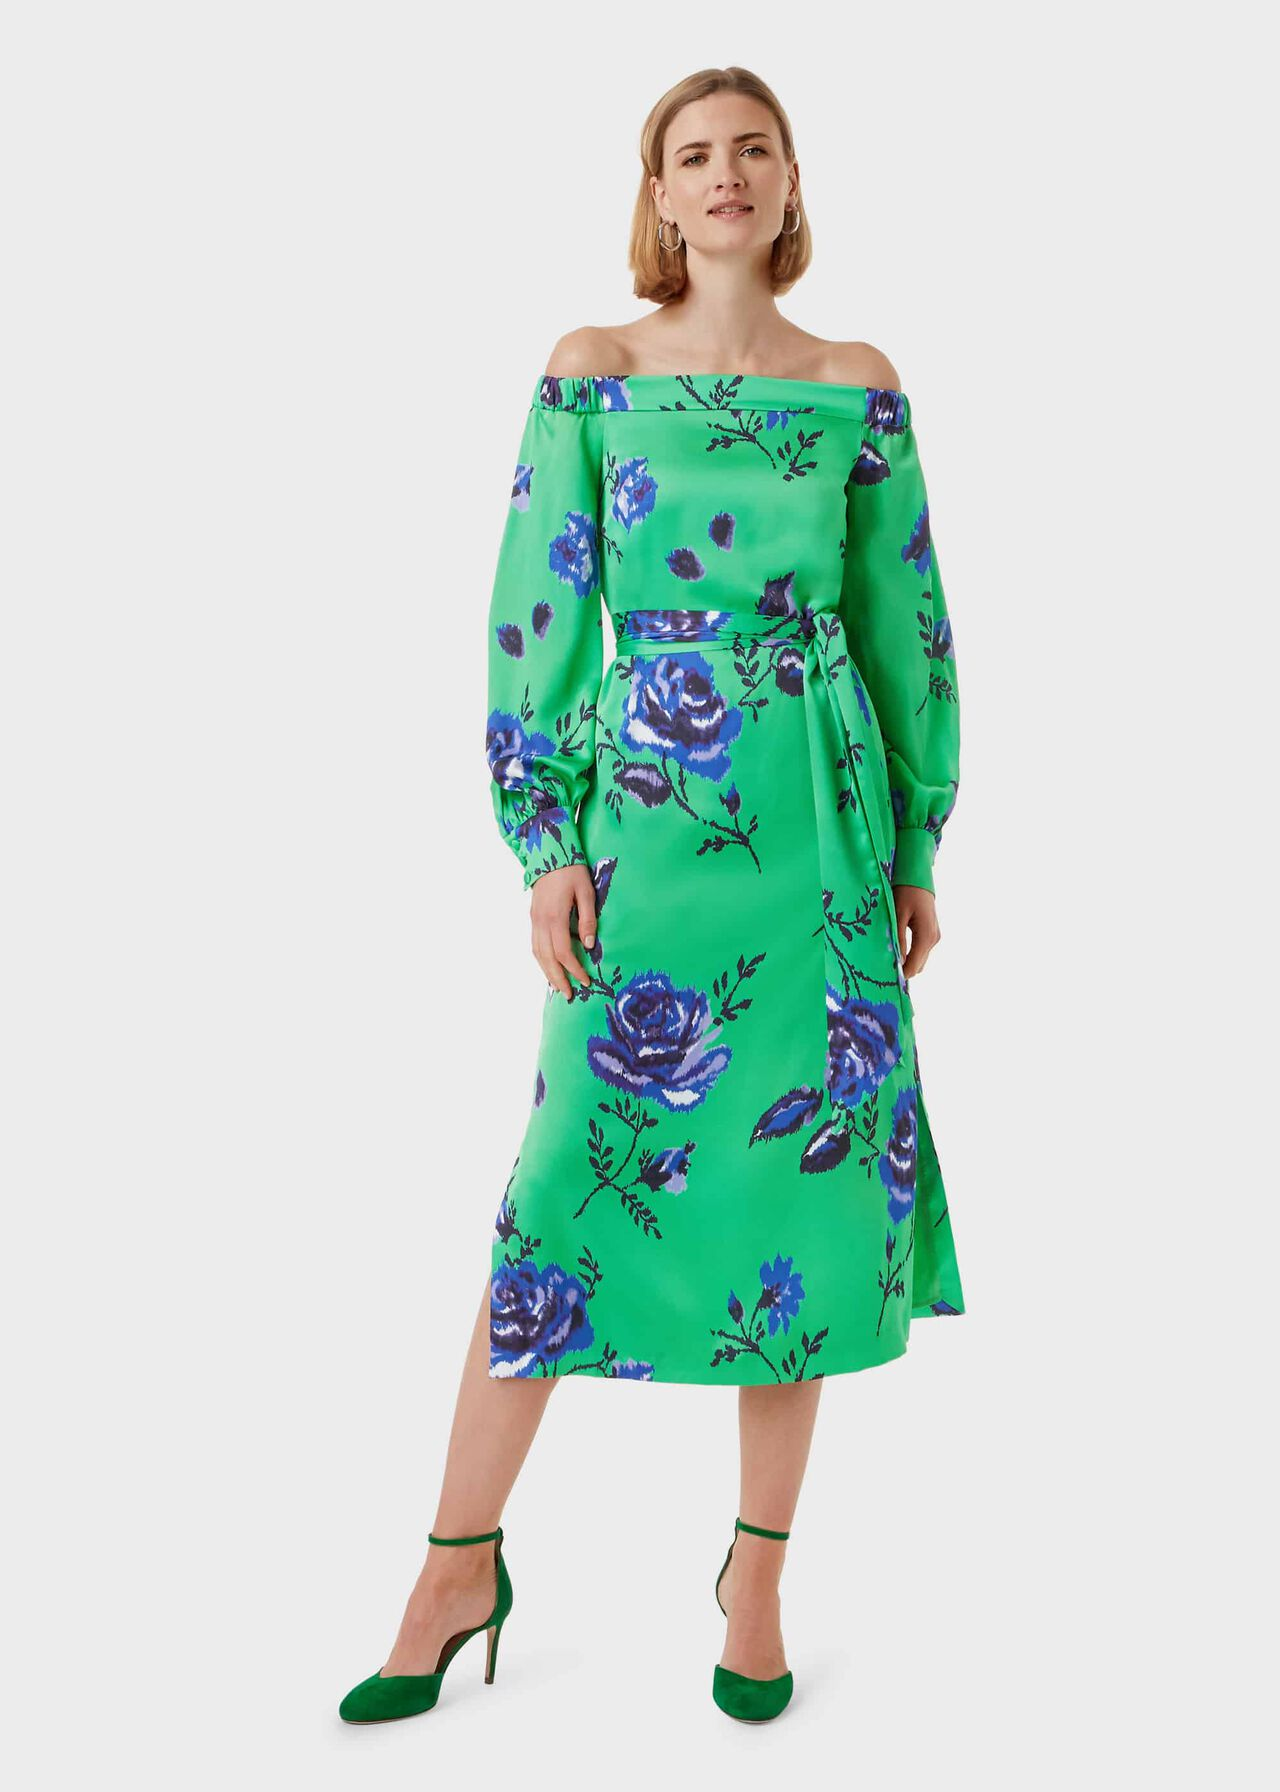 Miriam Floral Bardot Dress, Green Blue, hi-res